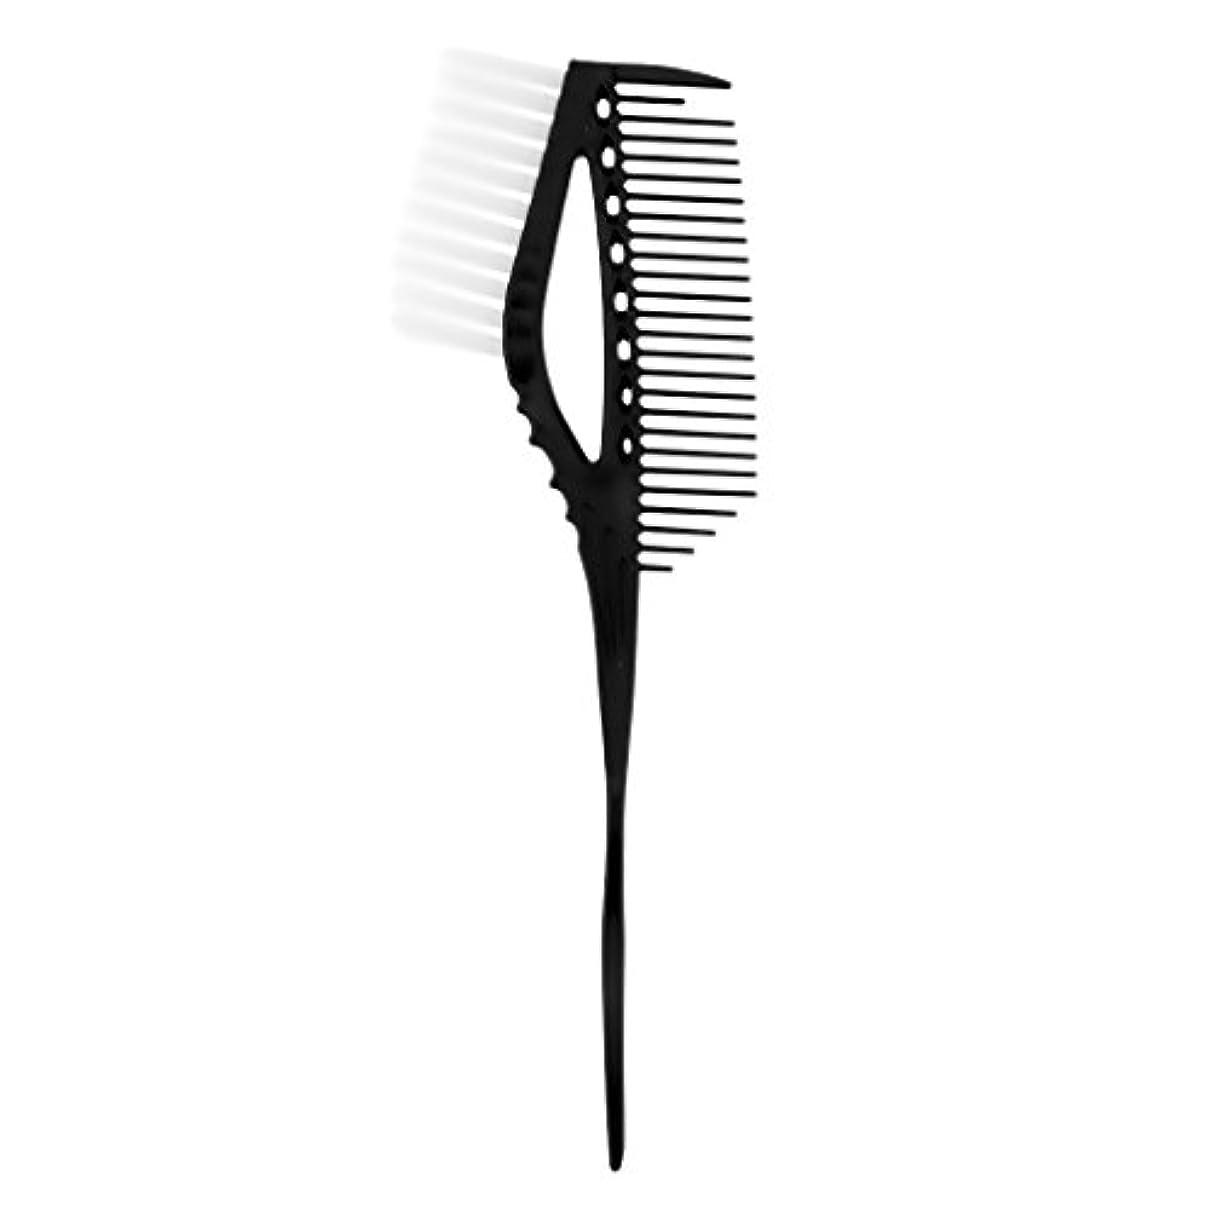 きょうだい半ば便利ハイライト櫛 ヘアコーム ヘアブラシ ヘアカラー 色合い 染めブラシ ミキシングブラシ 3色選べる - ブラック